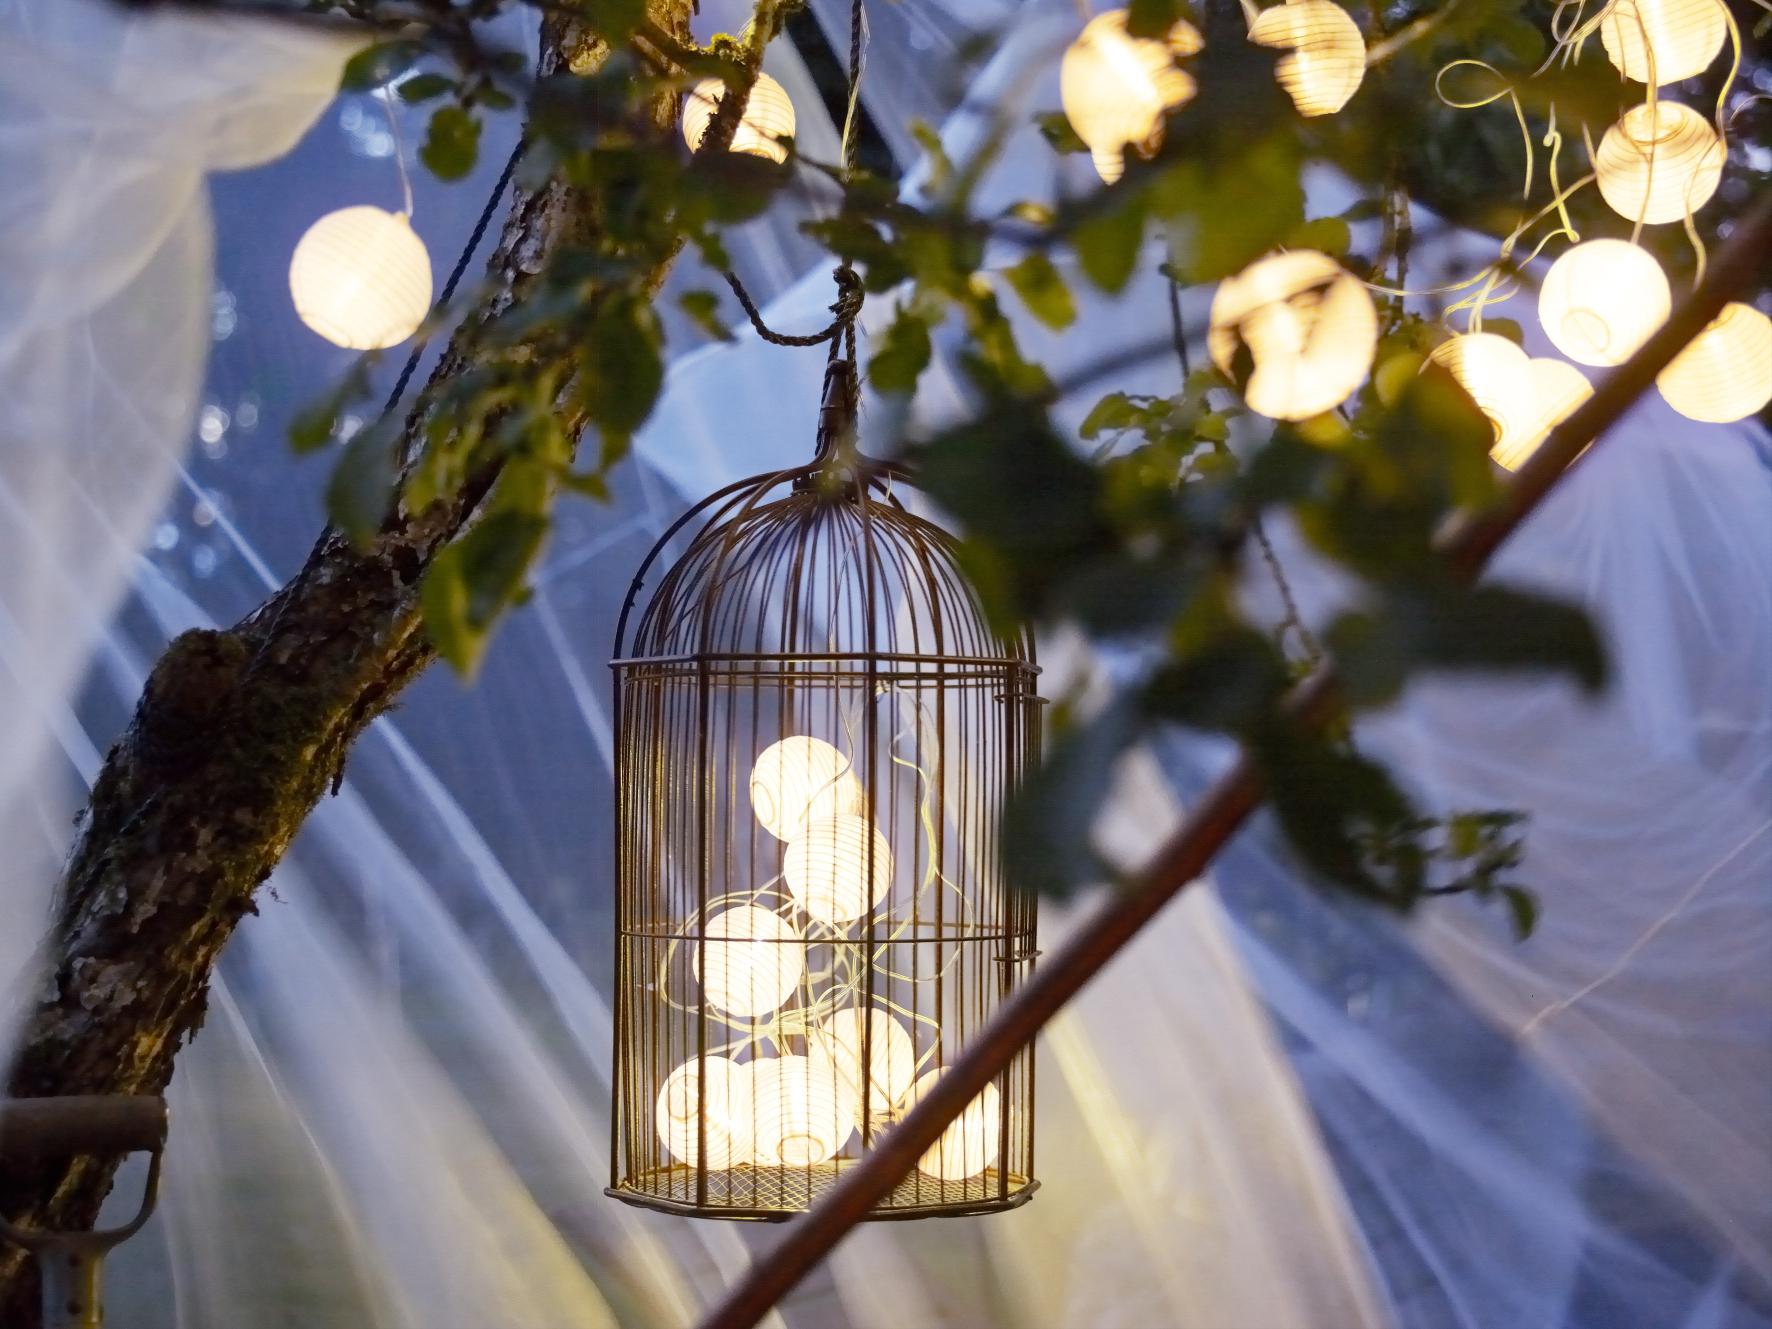 Solarvet solar light chain, £8  www.ikea.com